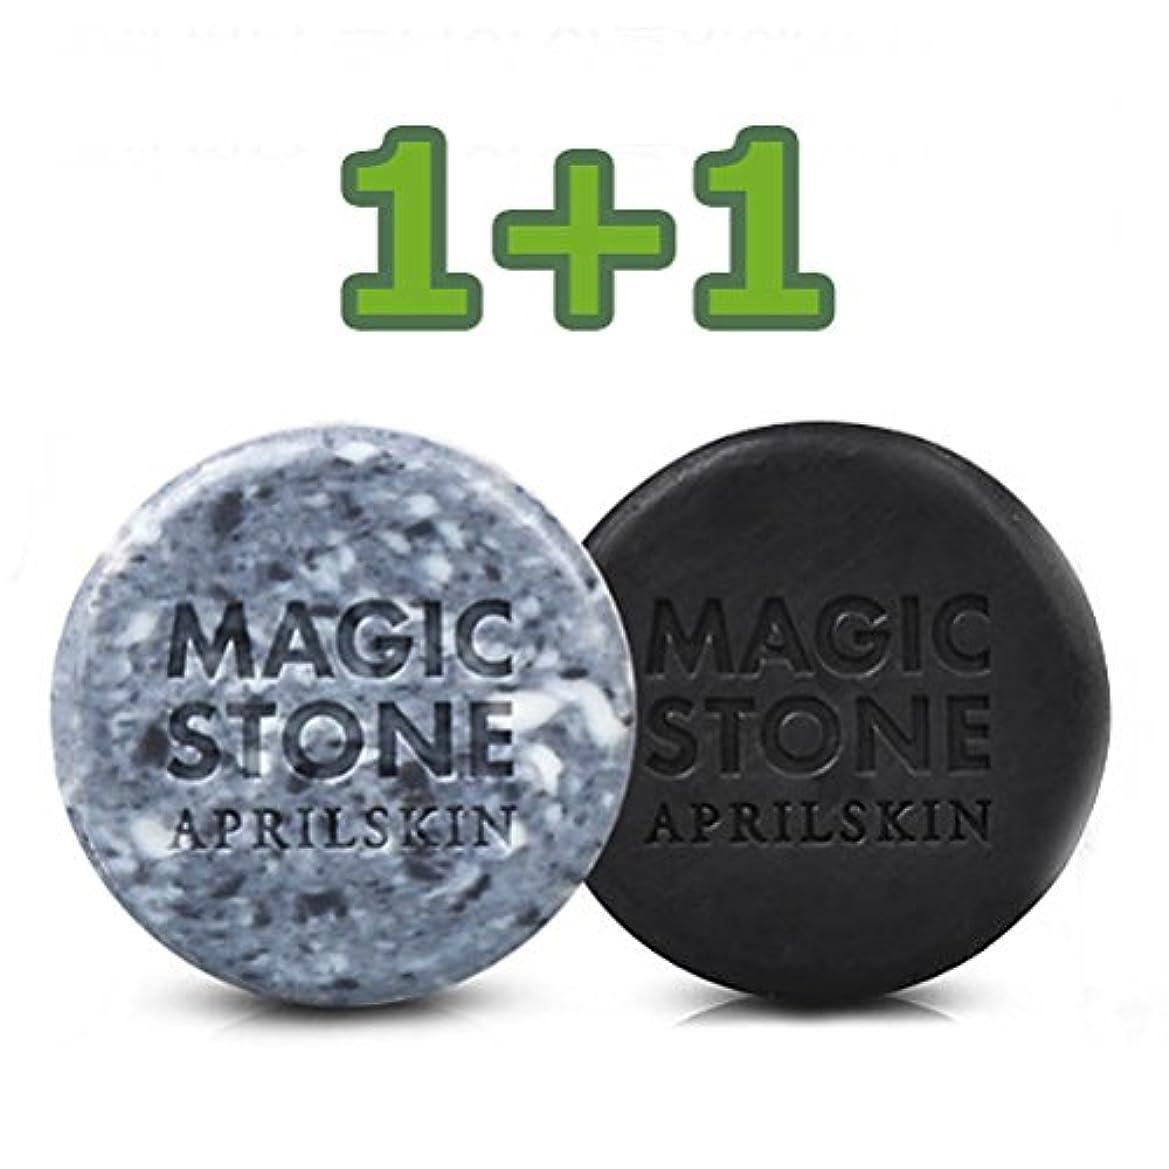 隔離する魅力的であることへのアピール効能あるエイプリルスキン マジックストーンソープ オリジナル&ブラック (Aprilskin Magic Stone Soap Original & Black) 90g * 2個 / 正品?海外直送商品